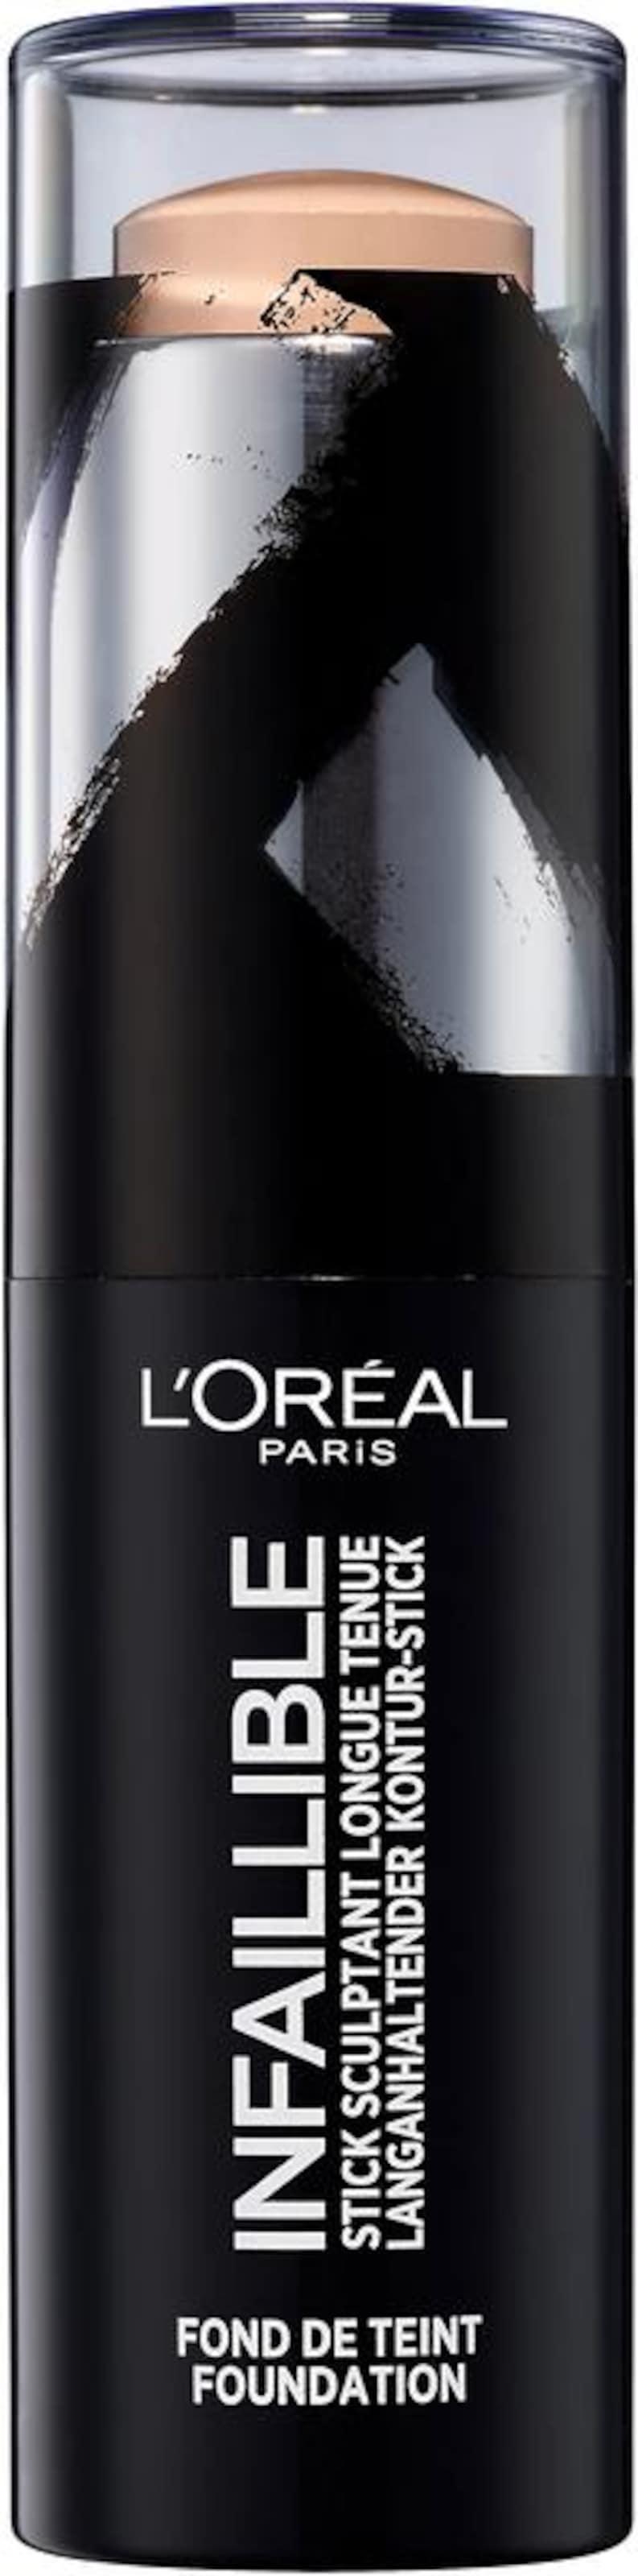 Stick' Make L'oréal up 'infaillible Apricot Foundation In Paris Jc1FKl